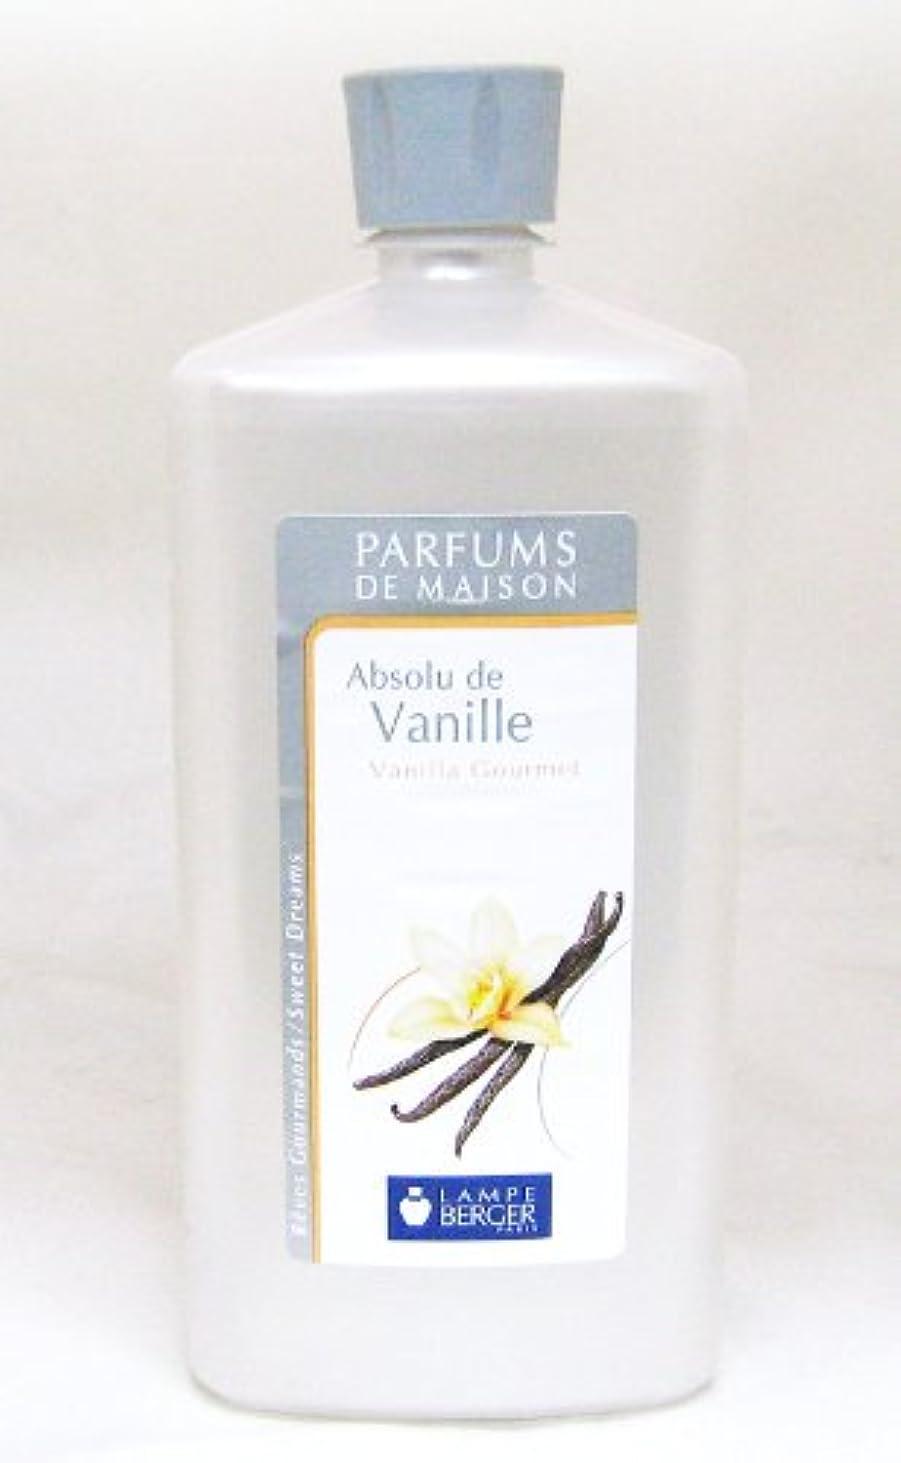 印象的防腐剤ルーフランプベルジェ フランス版 1000ml アロマオイル バニラ Absolu de Vanille